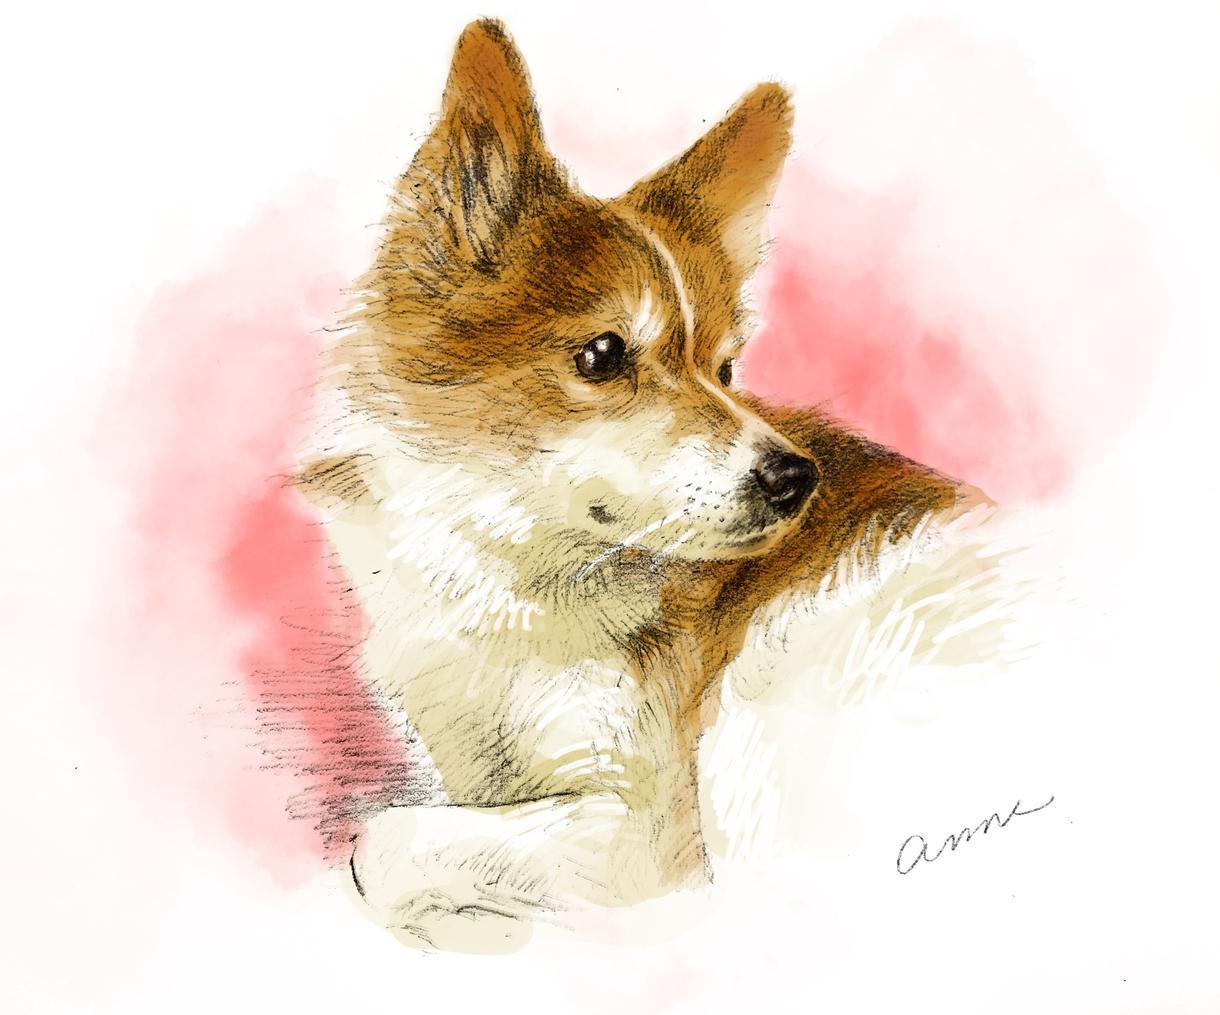 リアルタッチのペットの似顔絵描きます お写真から鉛筆とデジタル着彩であたたかい仕上がりに。 イメージ1